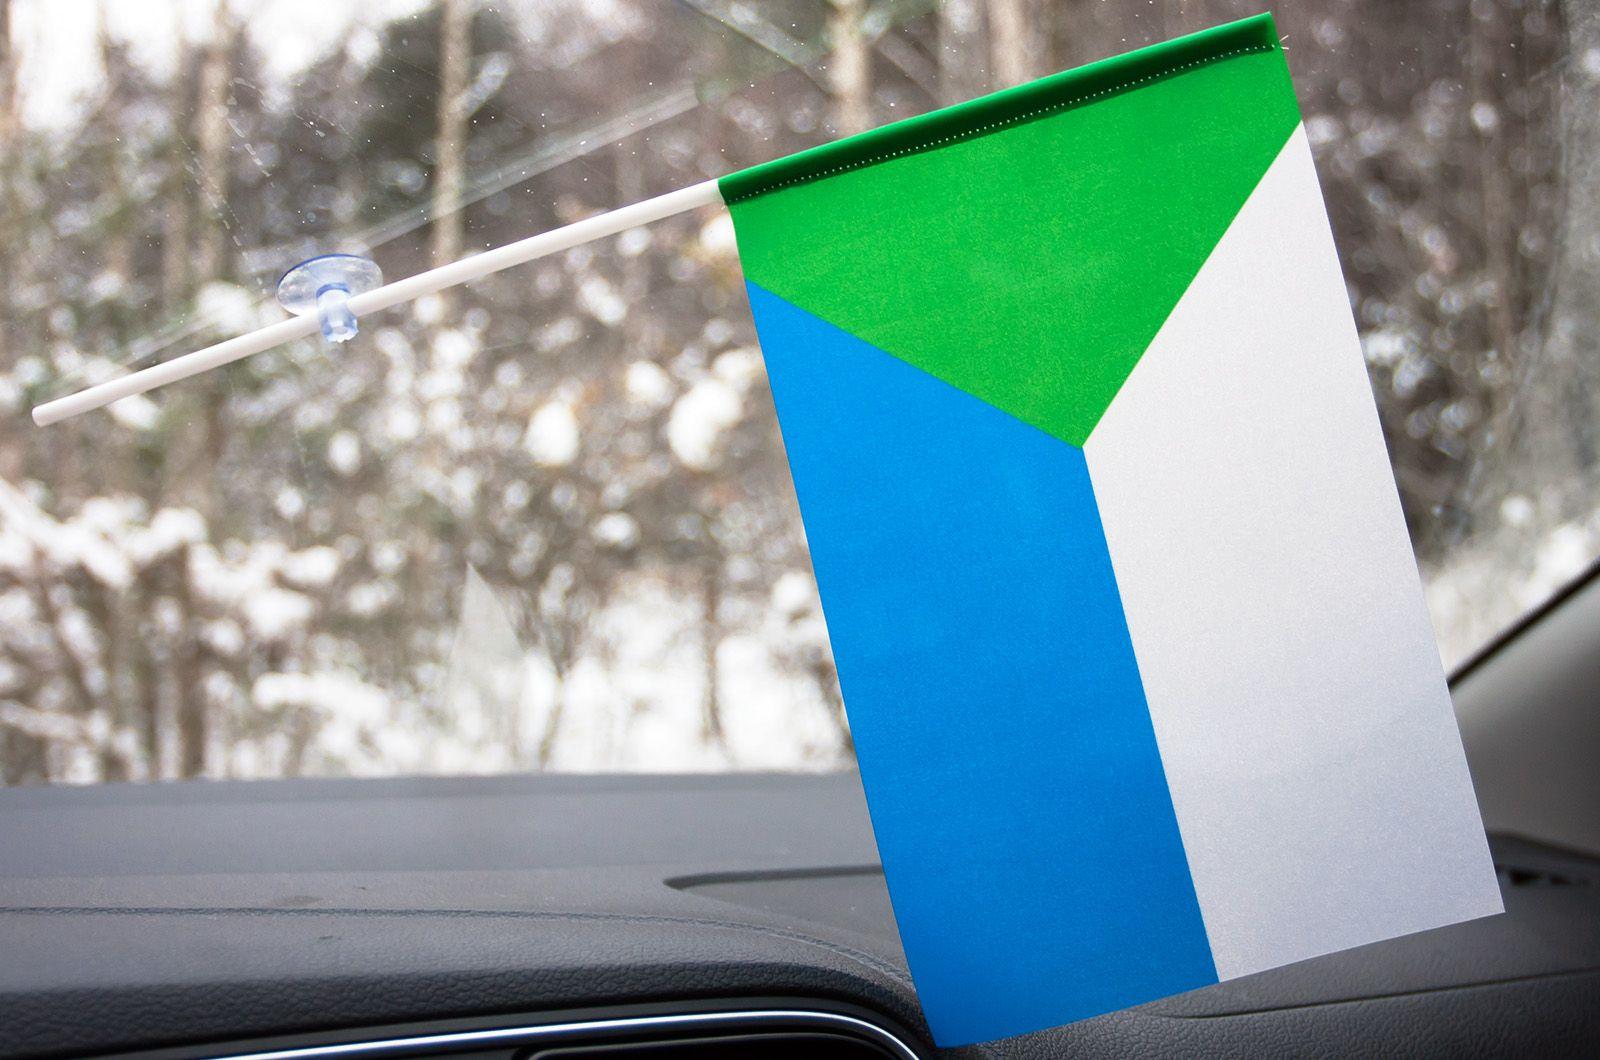 Флажок Хабаровского края в машину